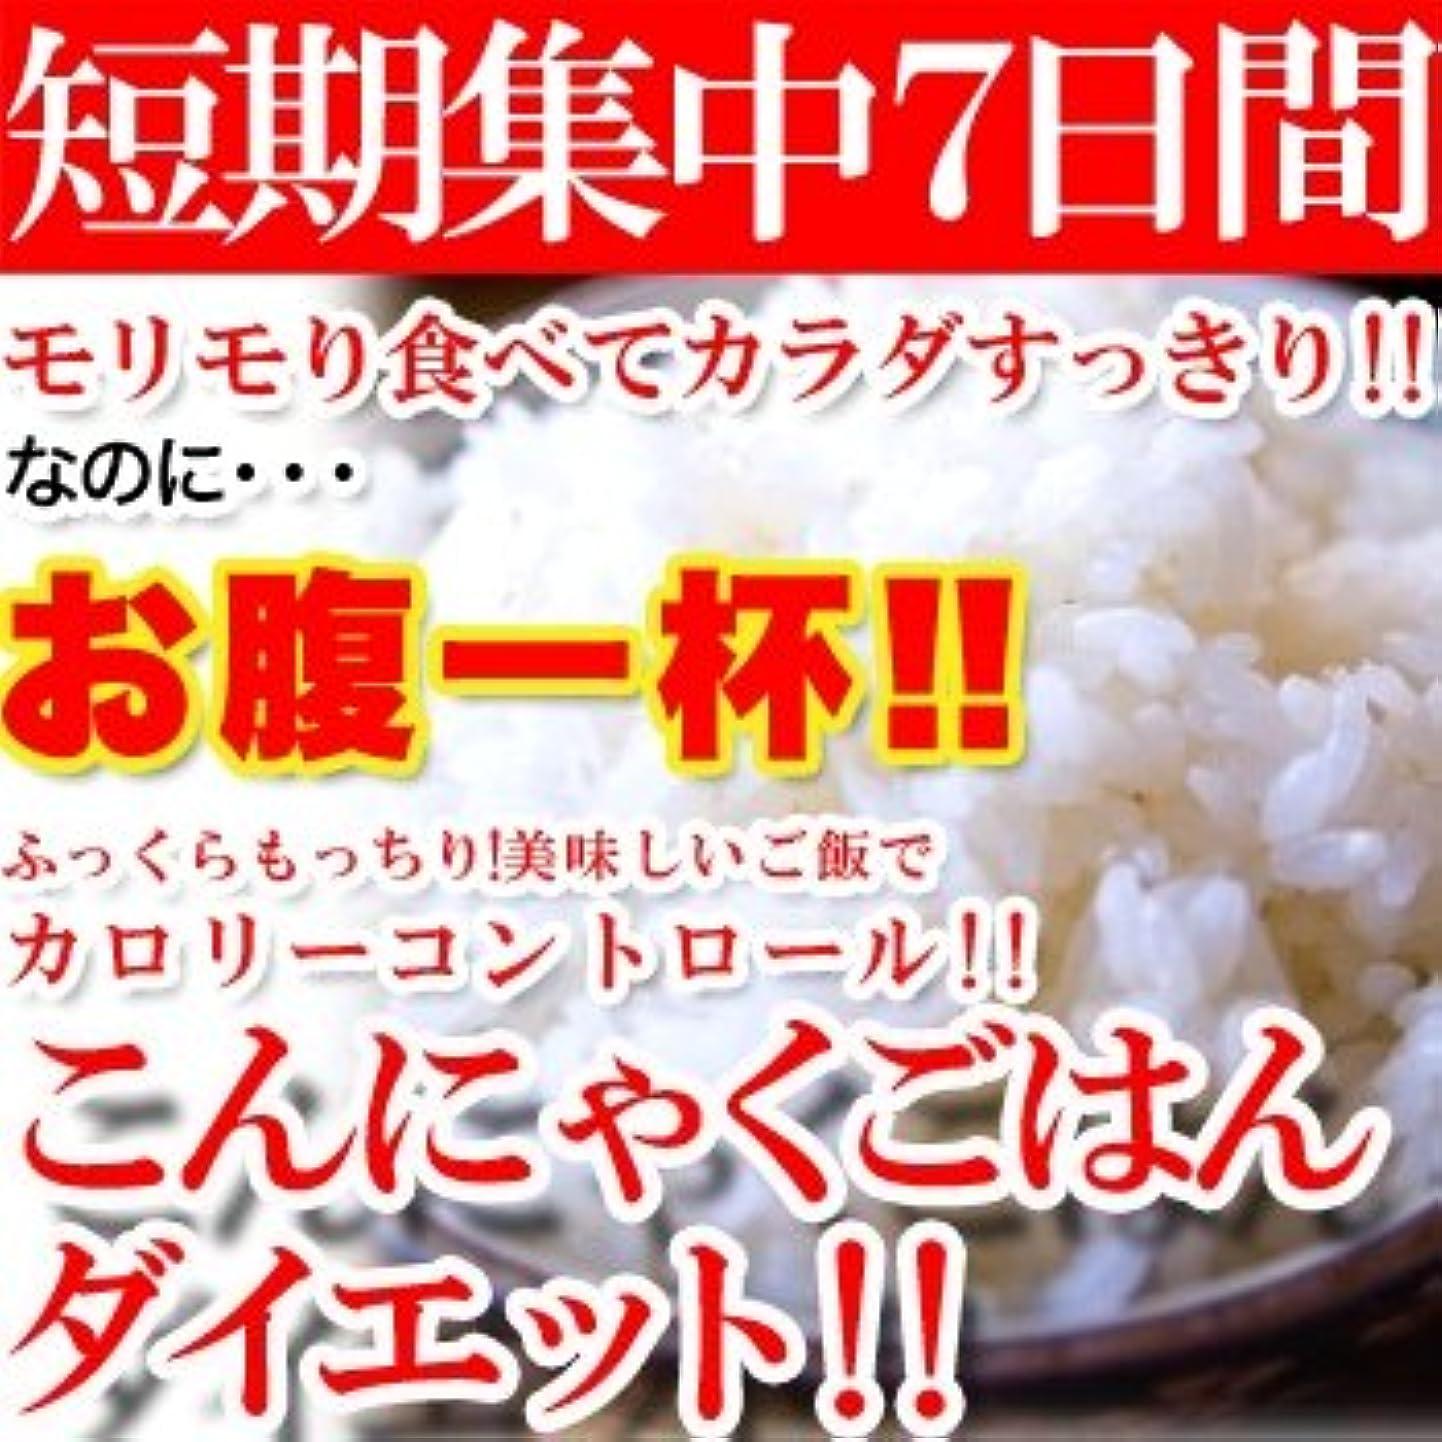 眩惑するおめでとう戻る【短期集中☆】7日間こんにゃくごはんダイエット! 4個セット ※「白いご飯」、「炭水化物」好きの方必見!いつものご飯に混ぜて炊くだけ!